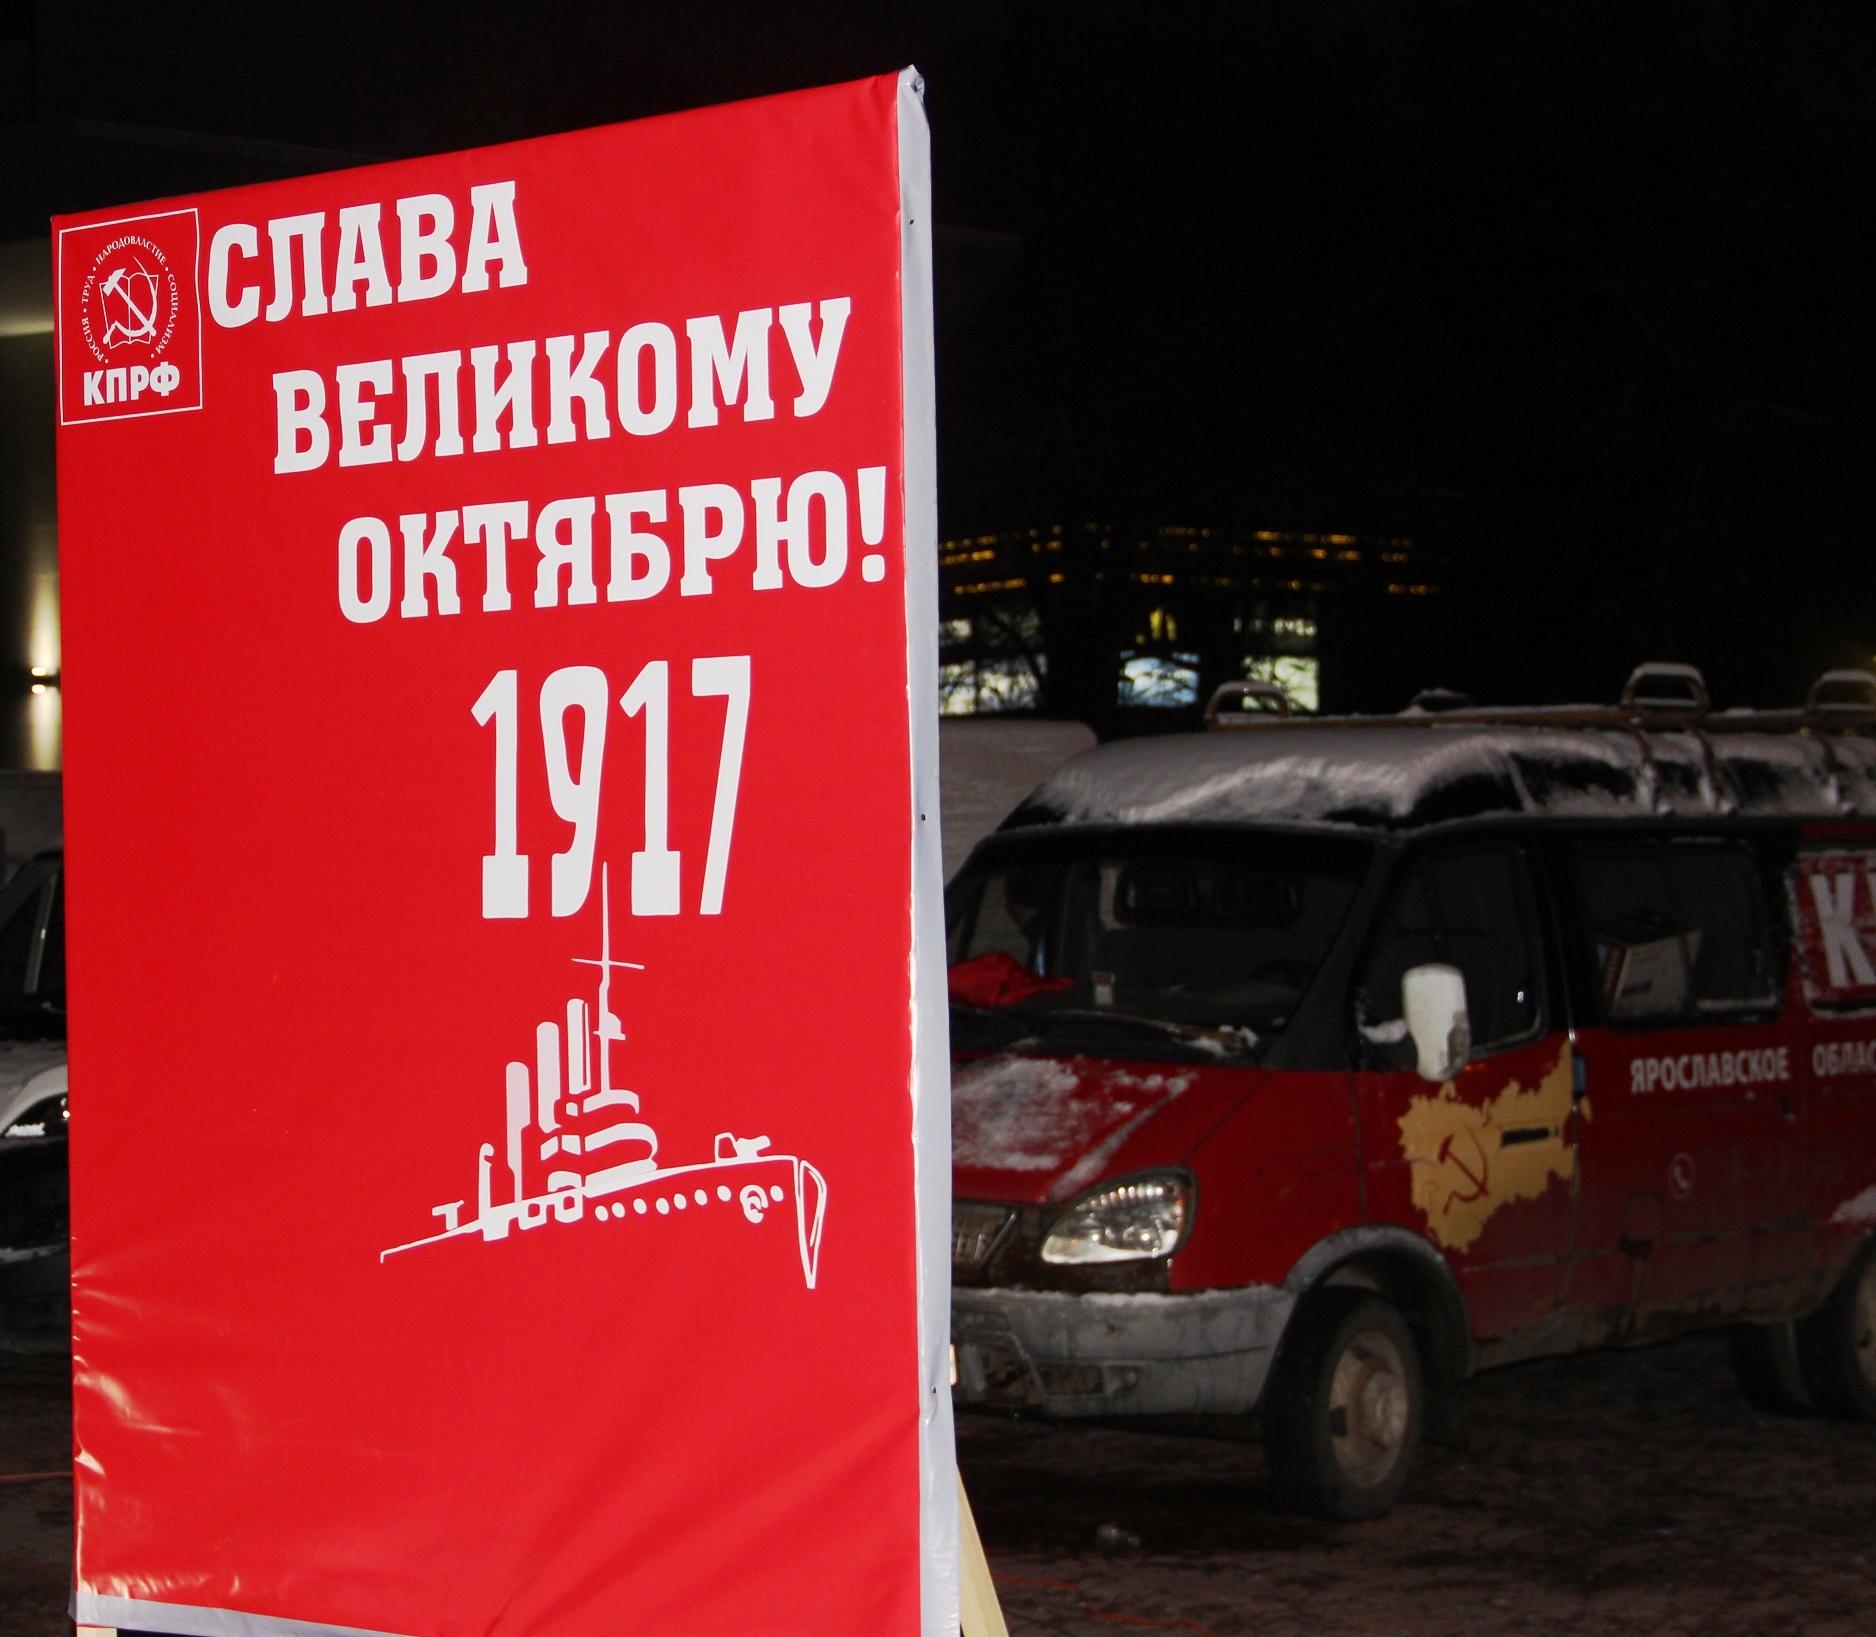 И вновь продолжается бой (фоторепортаж с митинга 7 ноября в Ярославле)